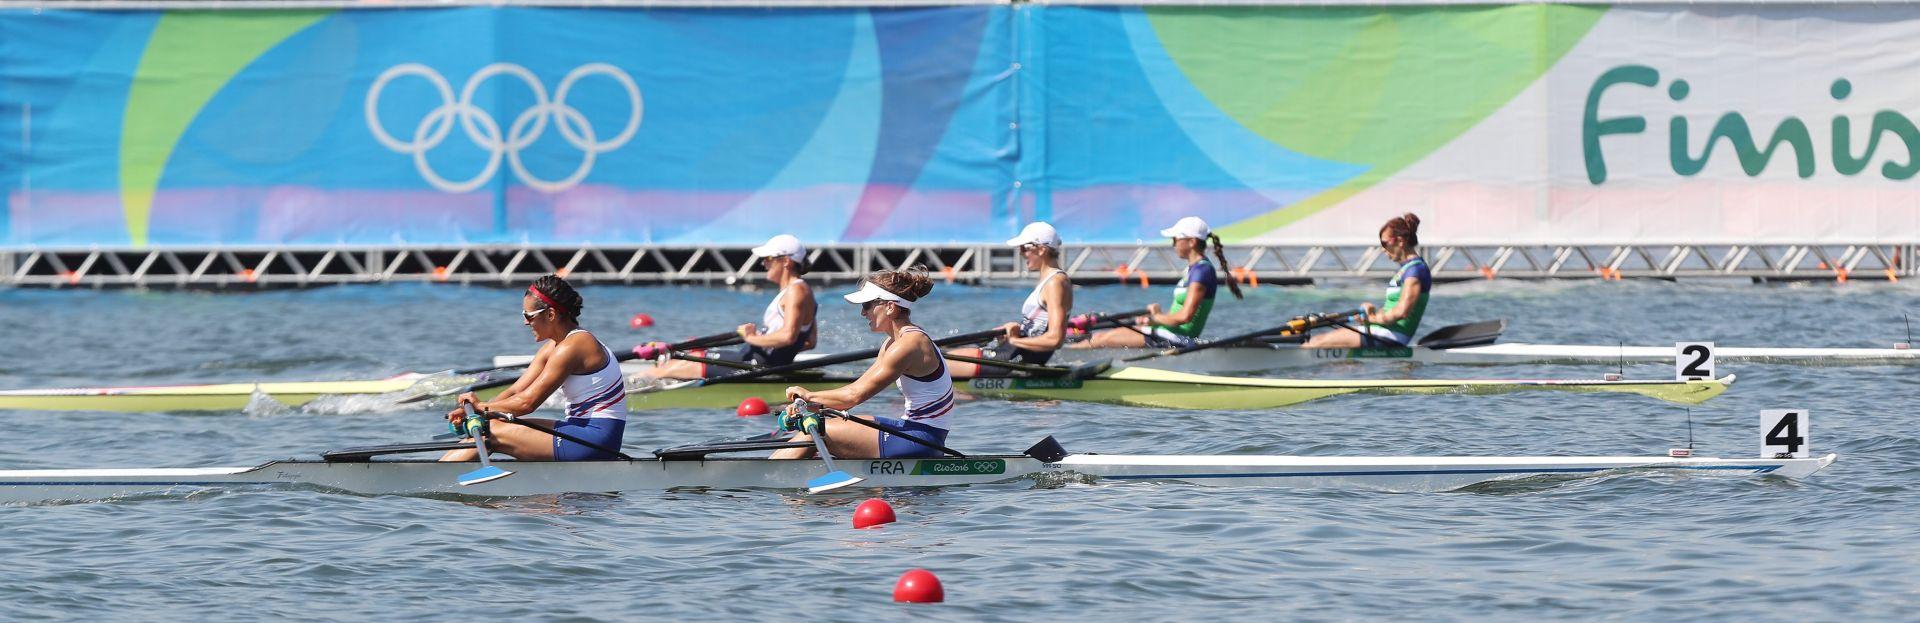 OI RIO: Odgođen početak veslačkih natjecanja zbog loših vremenskih uvjeta